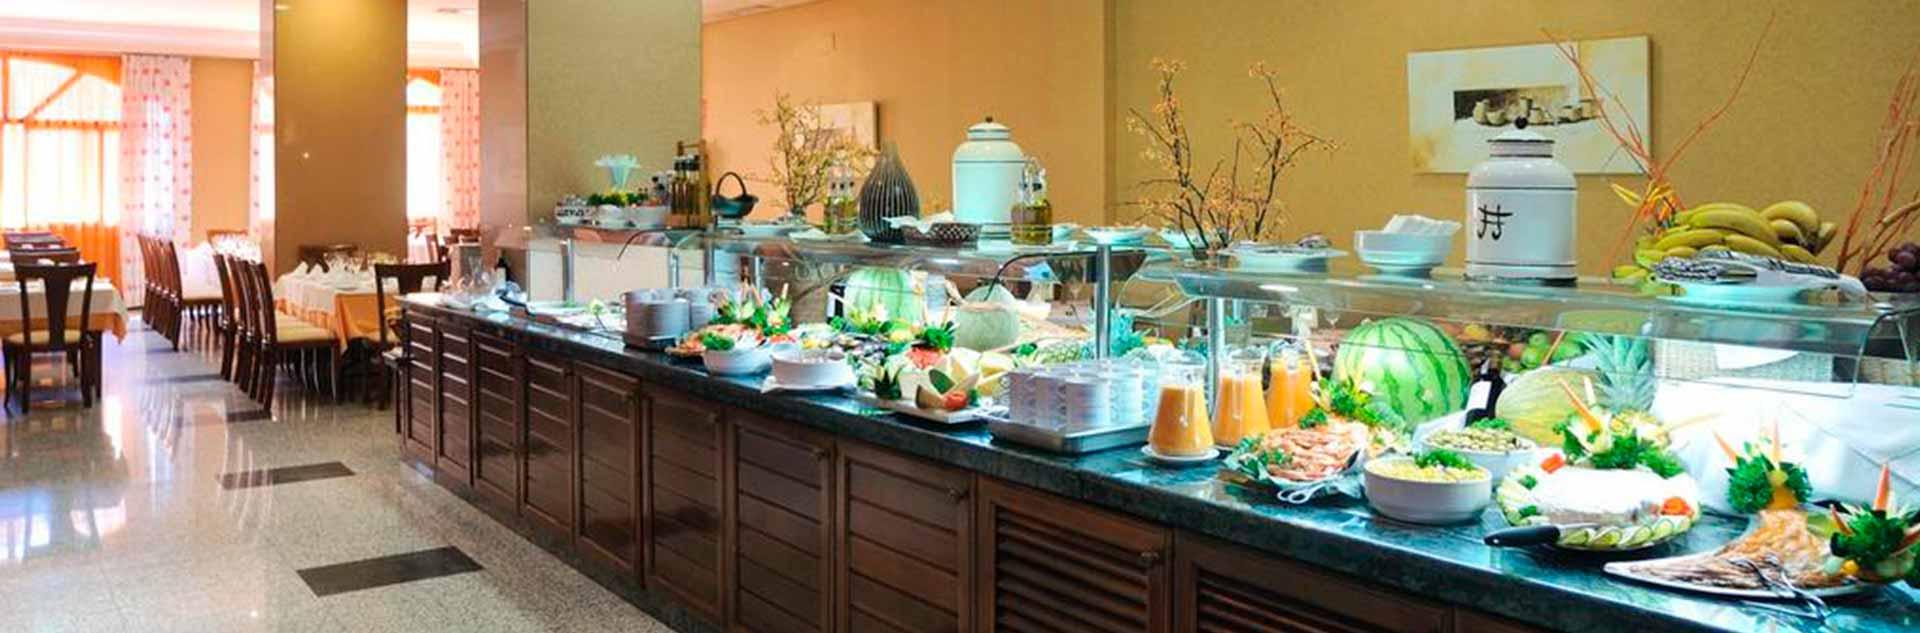 Buffet libre del hotel Vistamar 4*